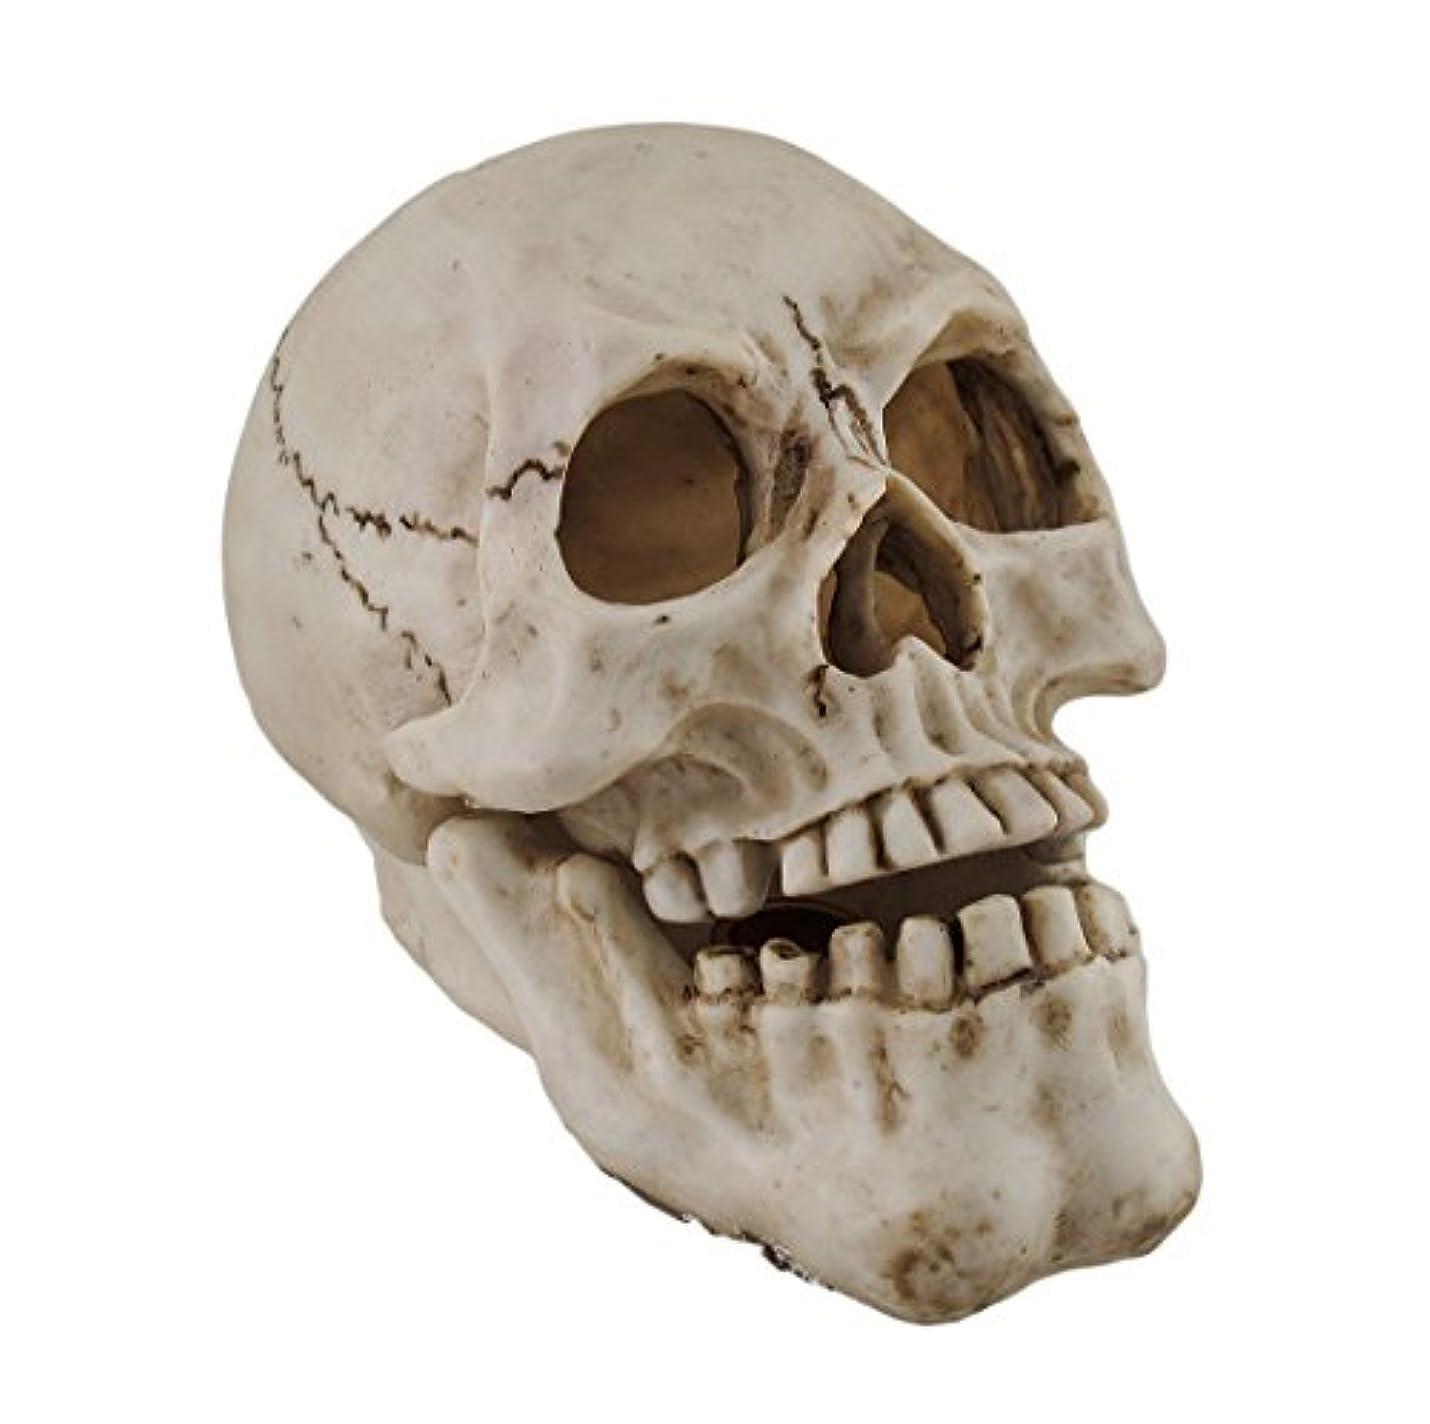 彼女自身急いで削る樹脂IncenseホルダーHuman Skull Shaped Incense Burnerボックス7.75 X 5.75 X 4.5インチホワイトモデル# pwh-63